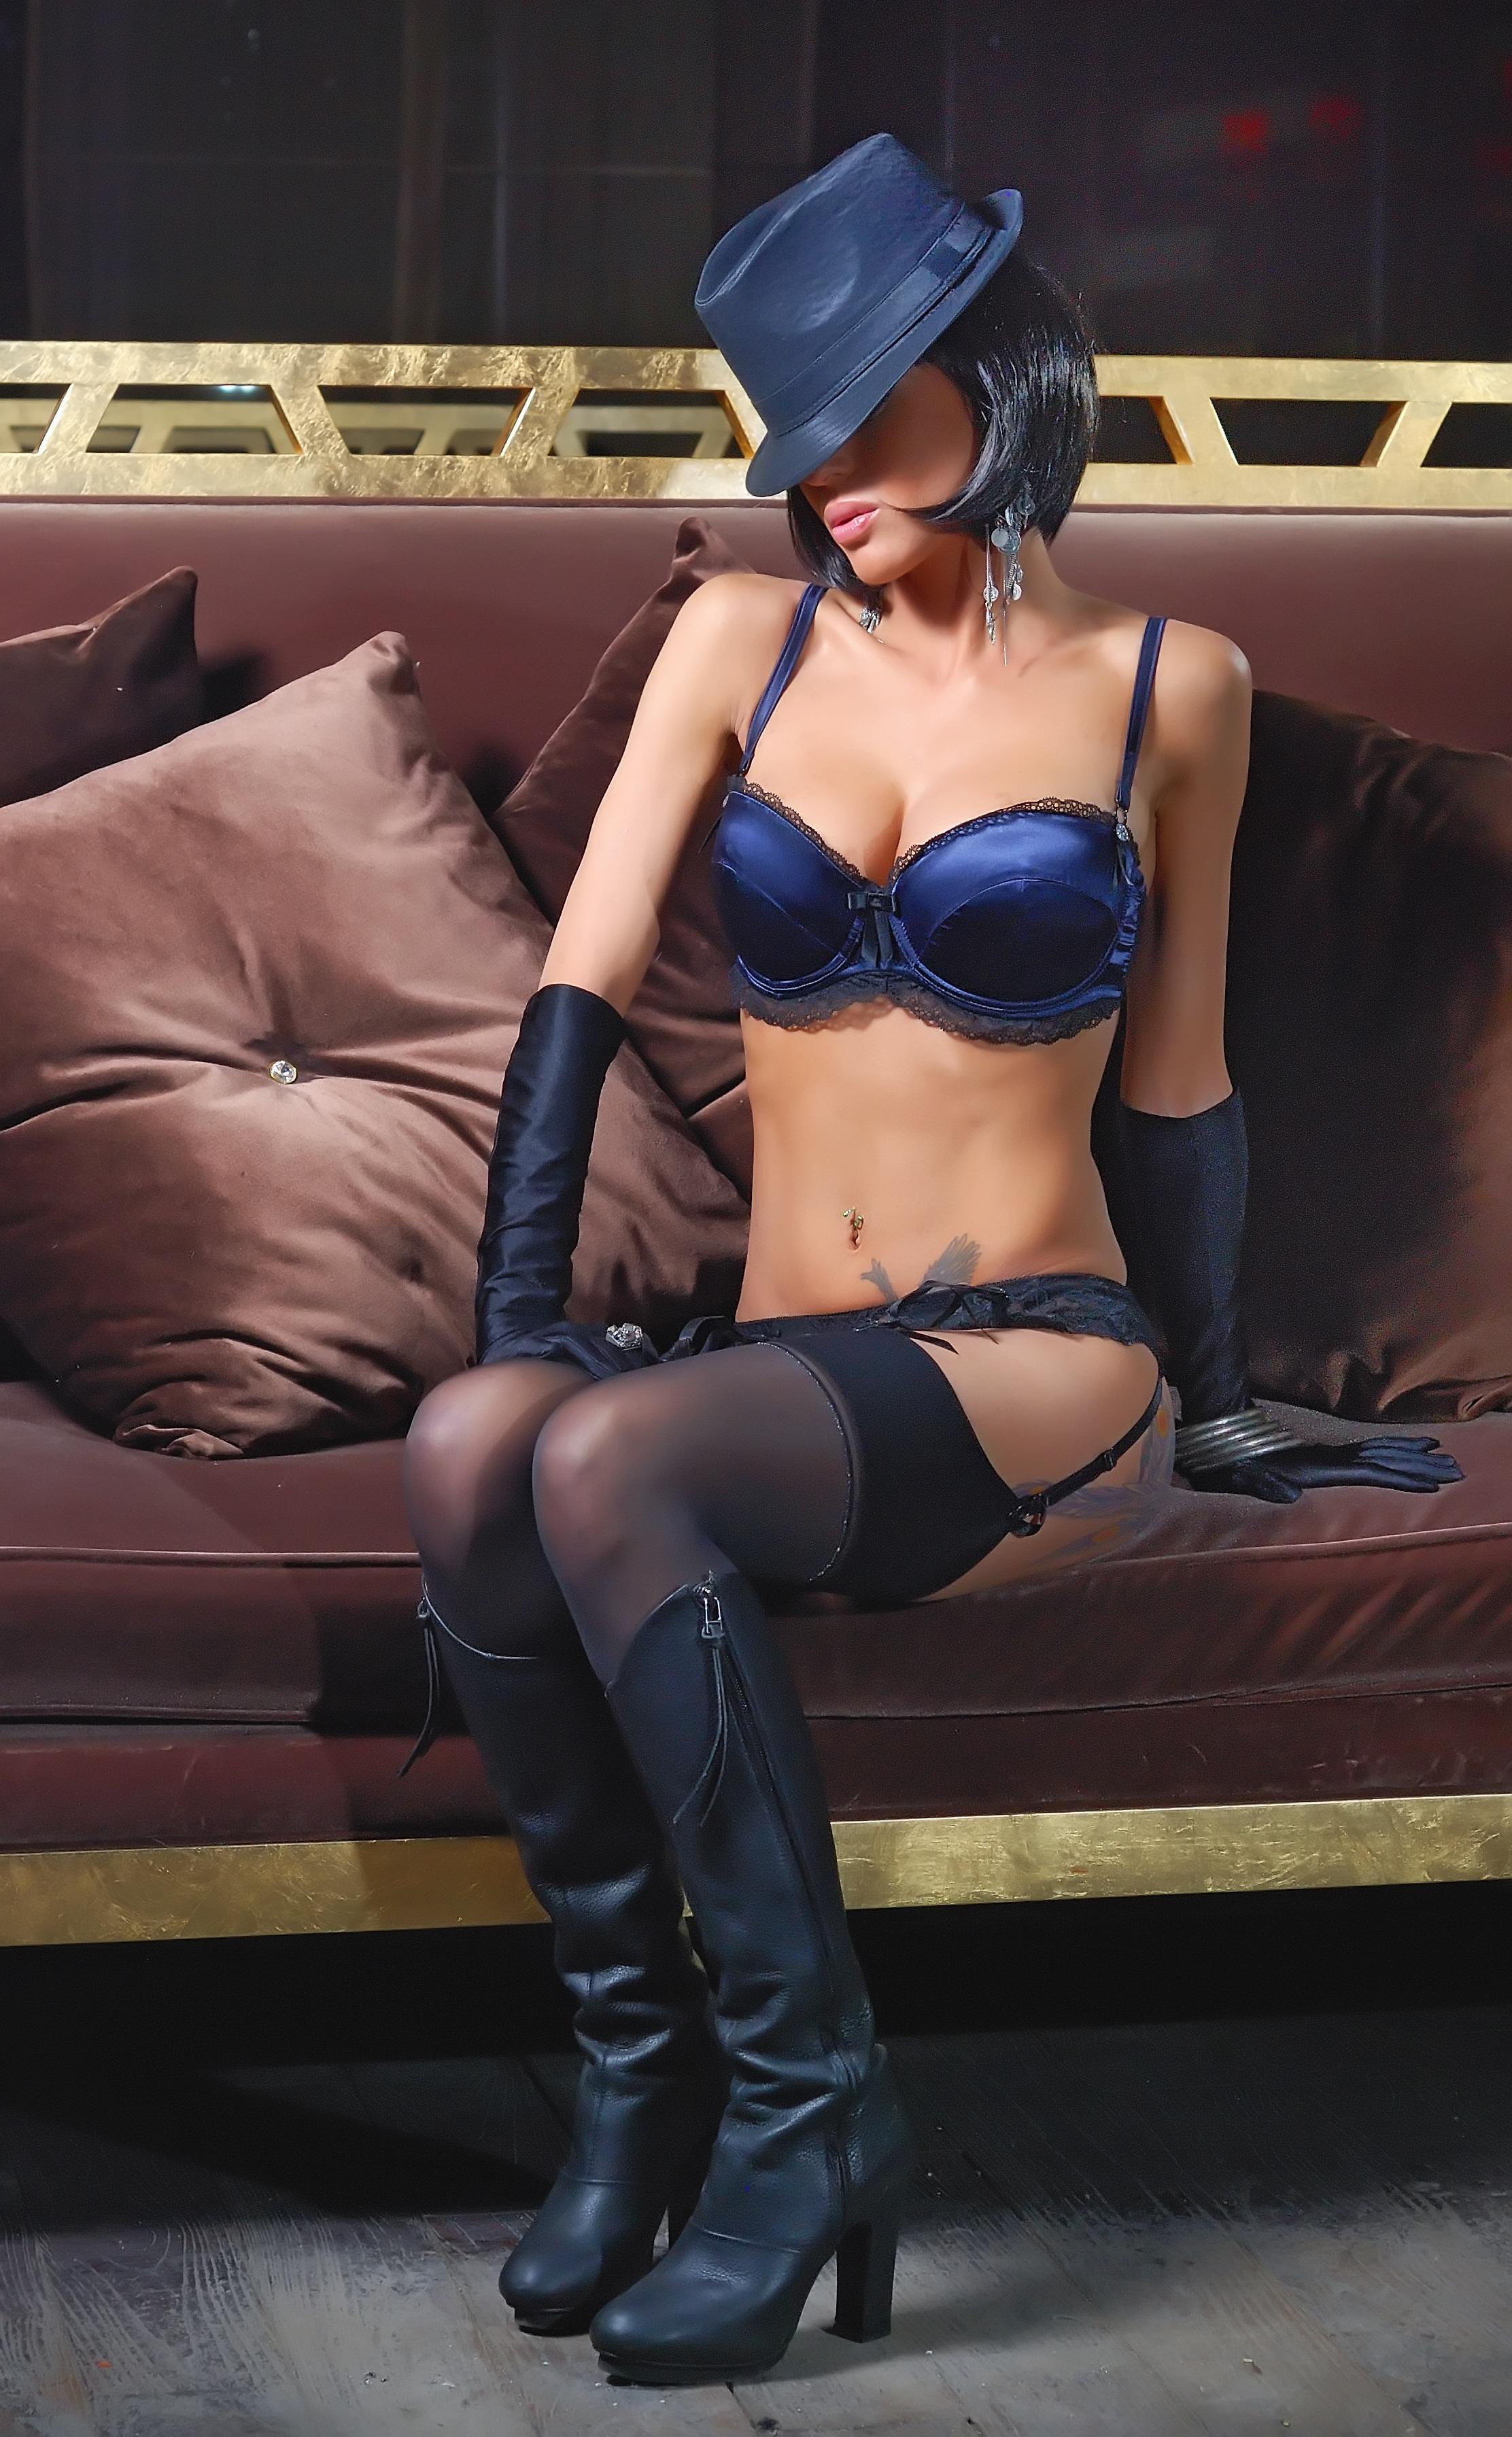 Woman In Blue Bikini Sitting Brown Sofa Free Stock Photo